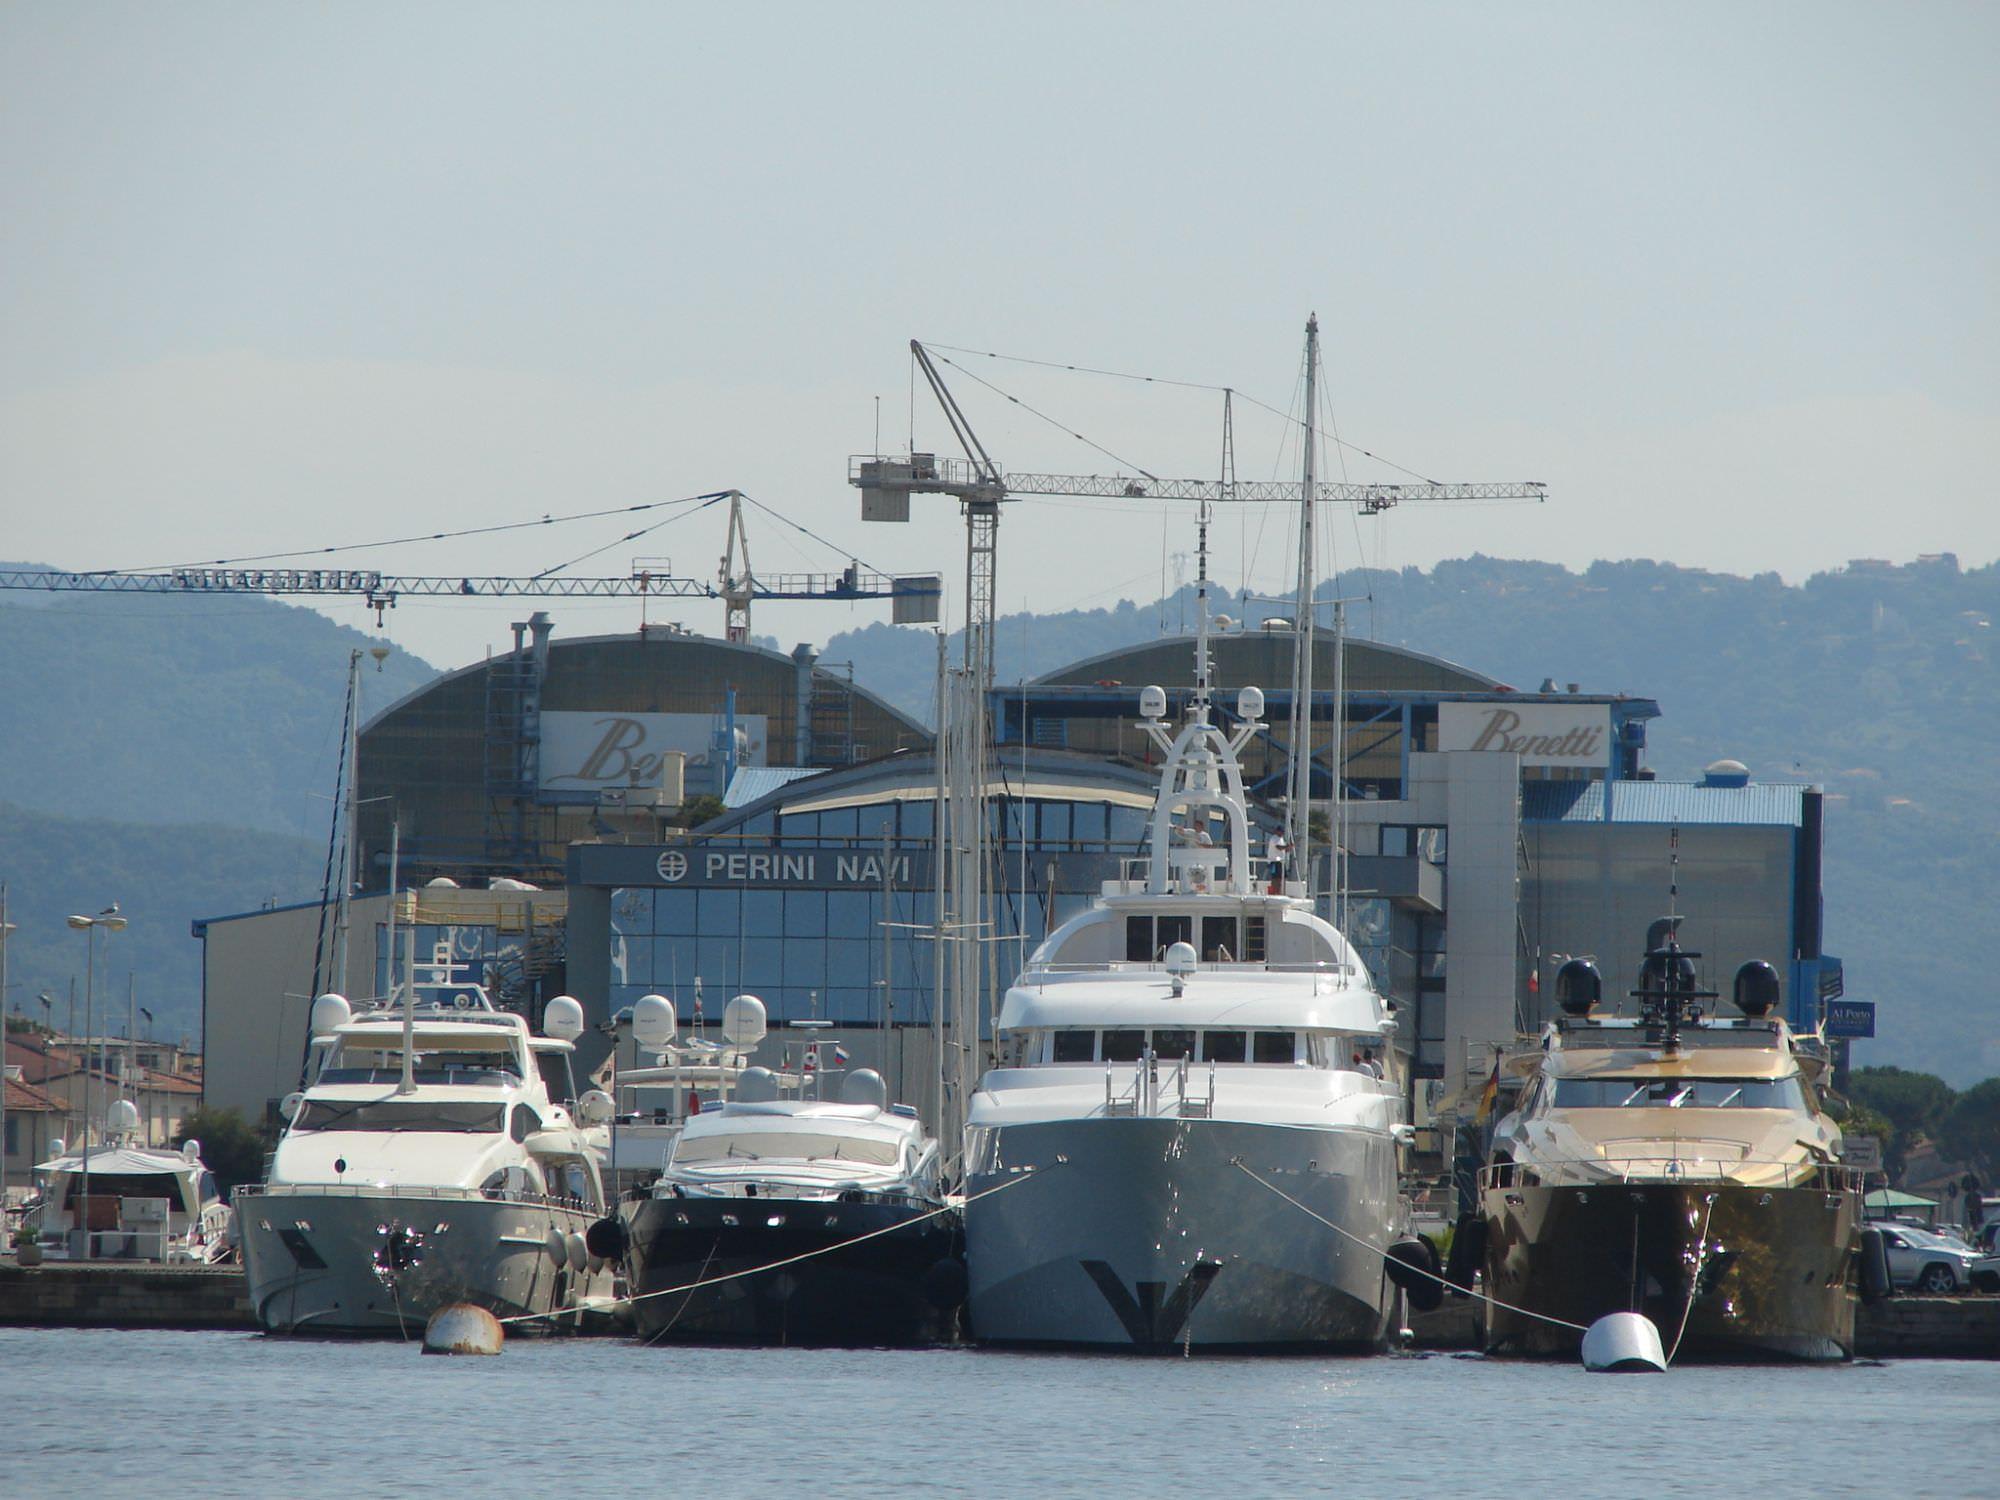 Yare 2014. Torna a Viareggio l'appuntamento più innovativo del settore dei superyacht